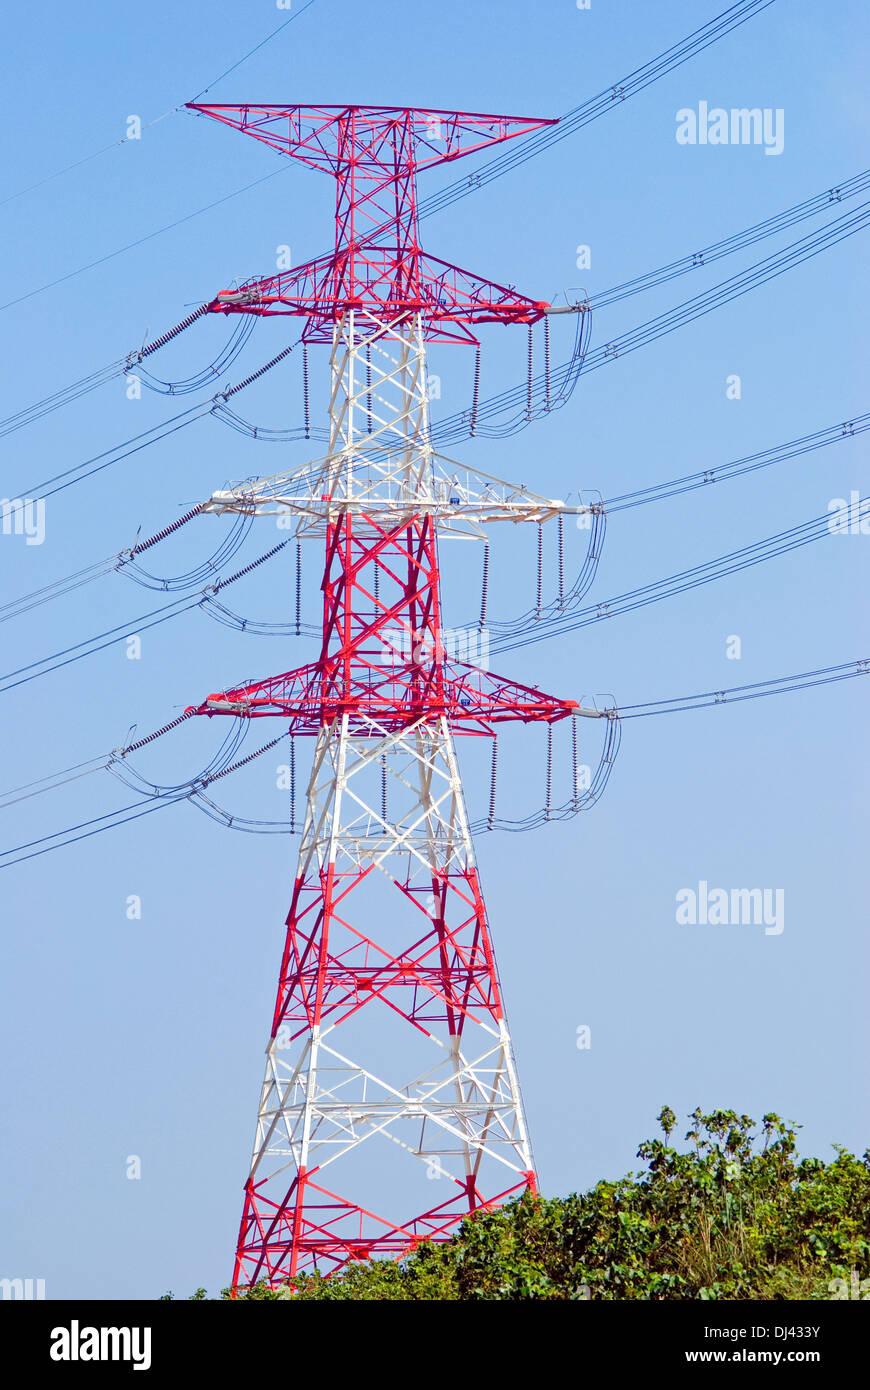 Elektrische Leistung Stockbild